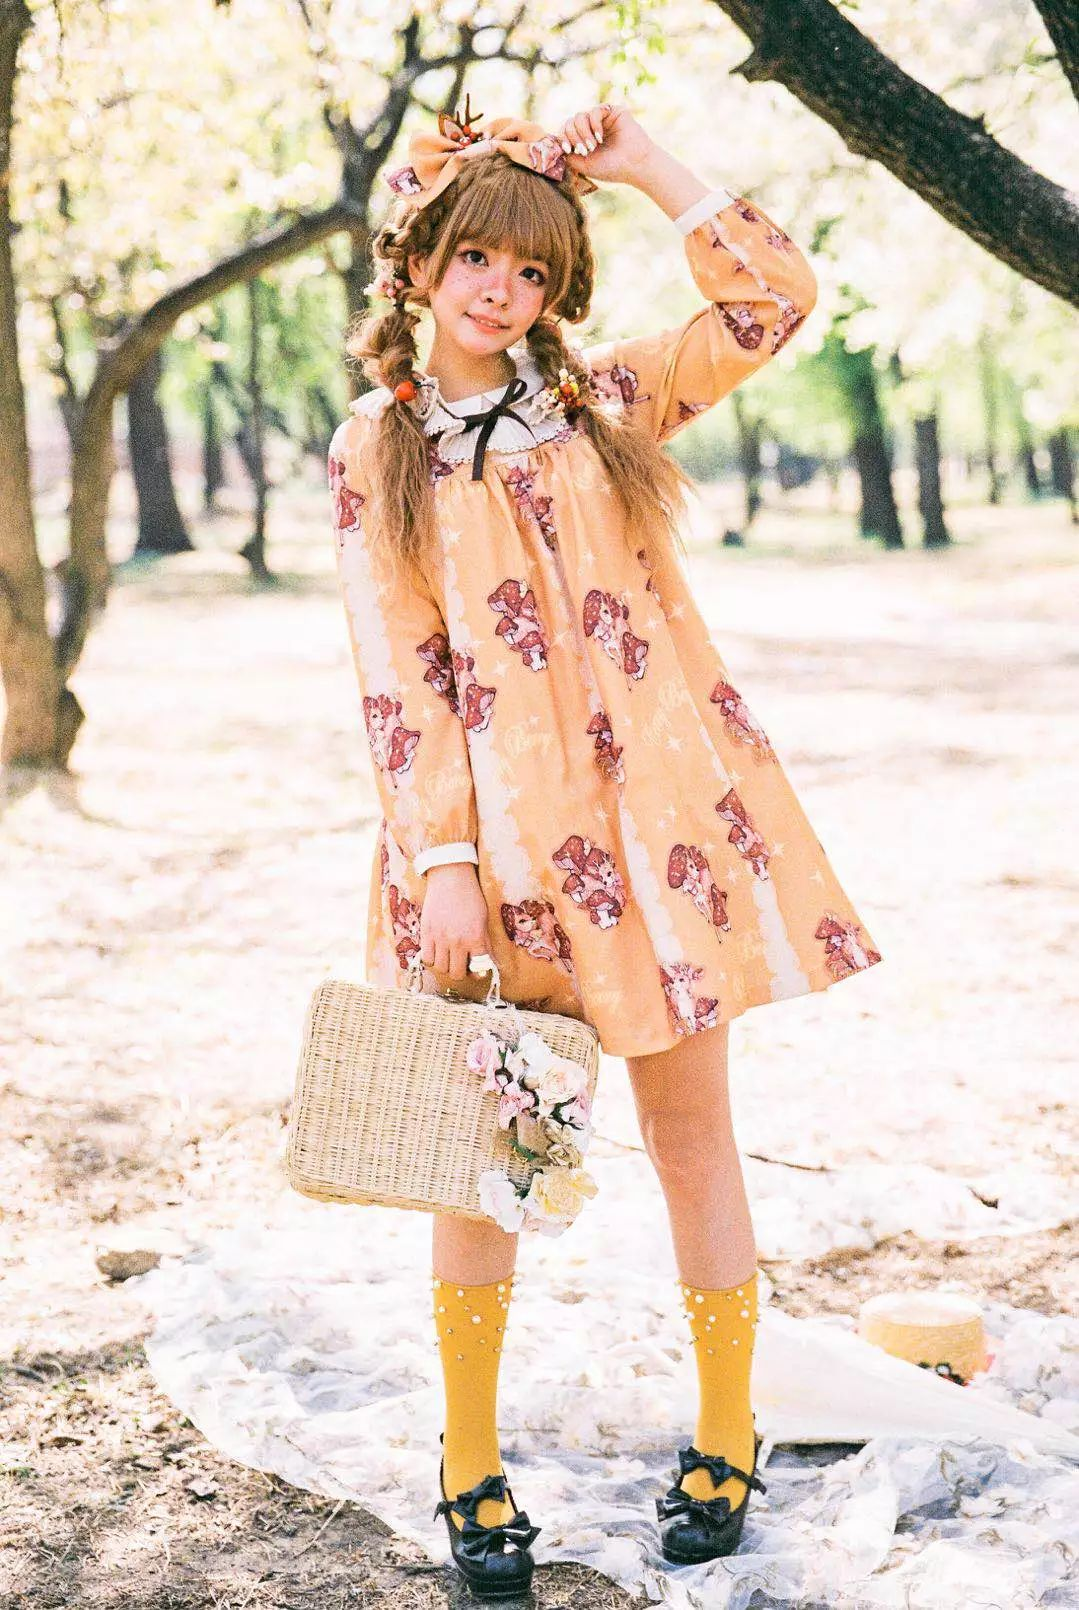 穿Lolita装的年轻人